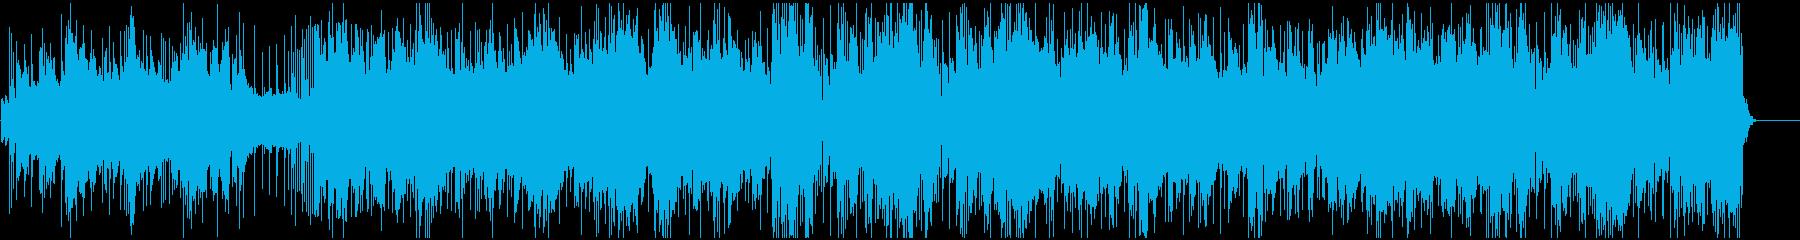 スポーツのダイジェストに合うBGMの再生済みの波形